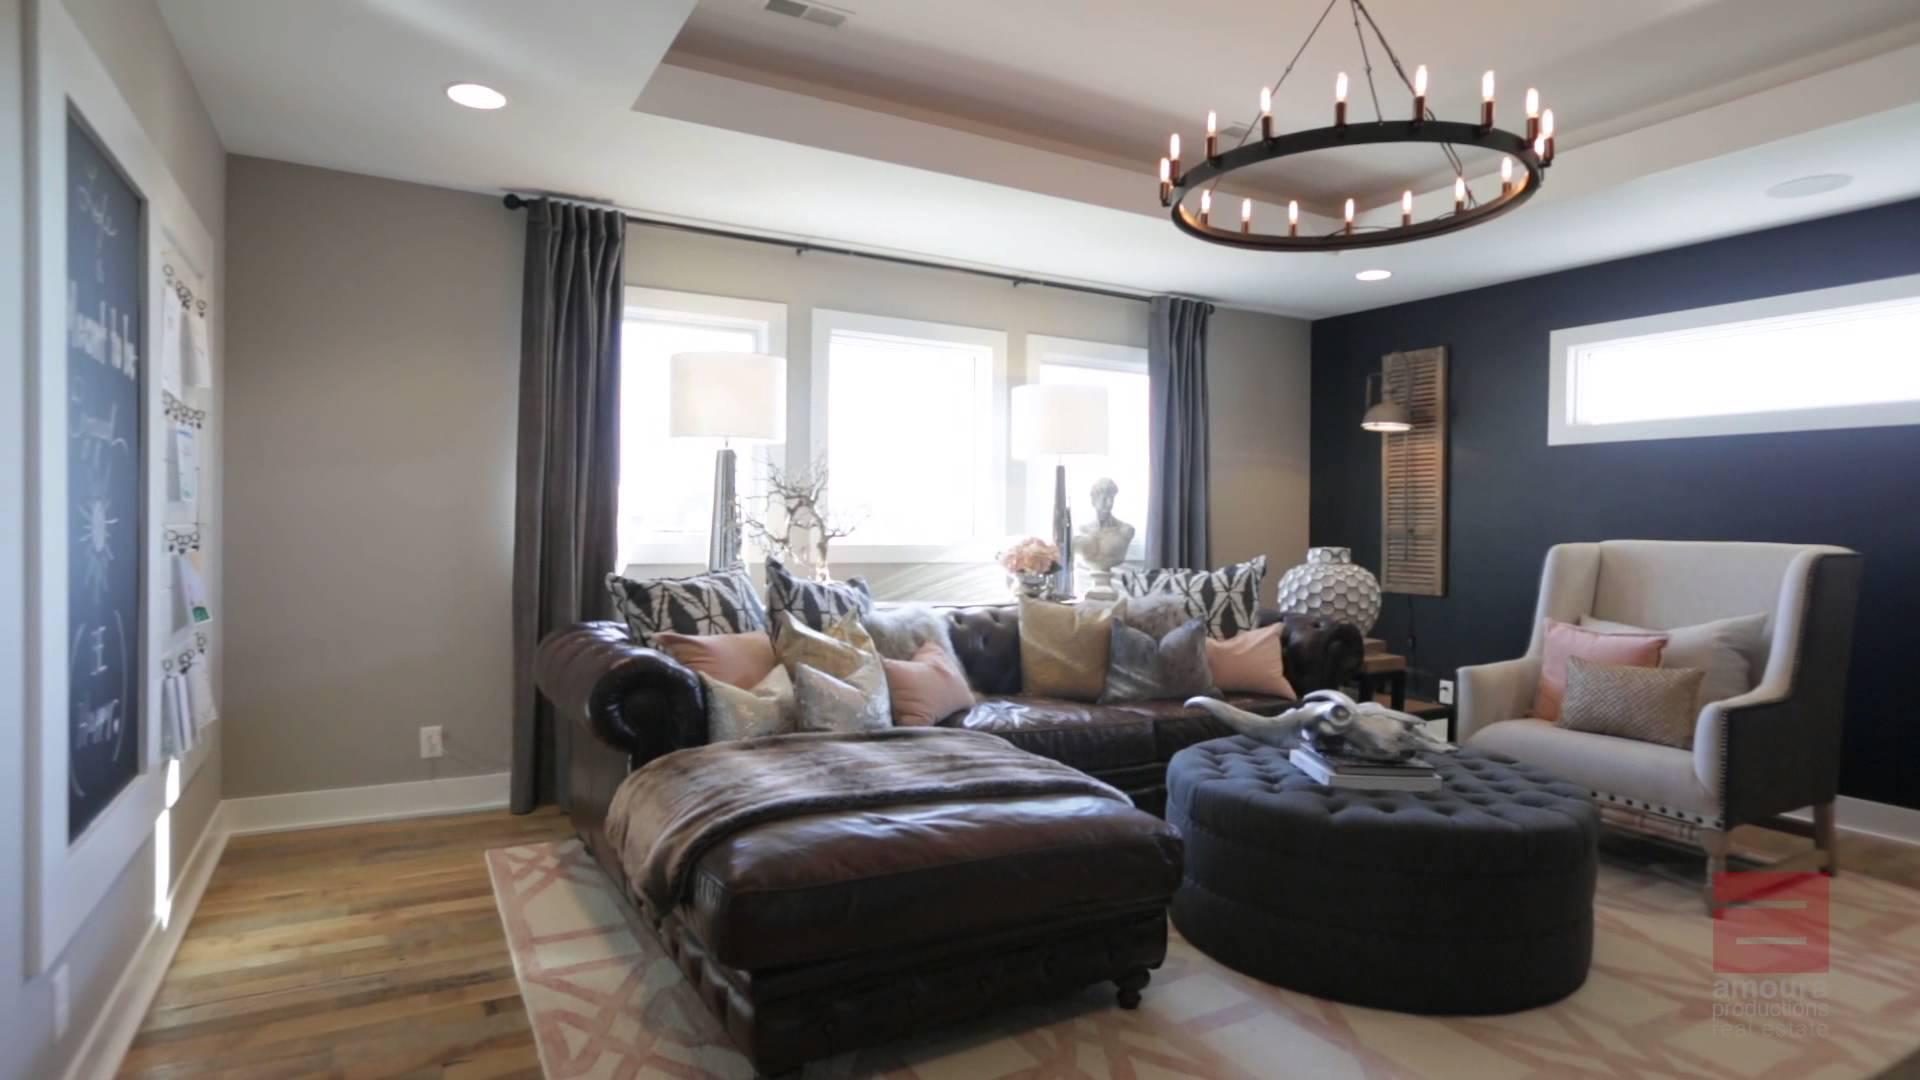 desain bumi dengan dekorasi warna emas » Ciptakan Kesan Klasik dan Elegan dengan Desain Interior Rumah Bergaya Vintage